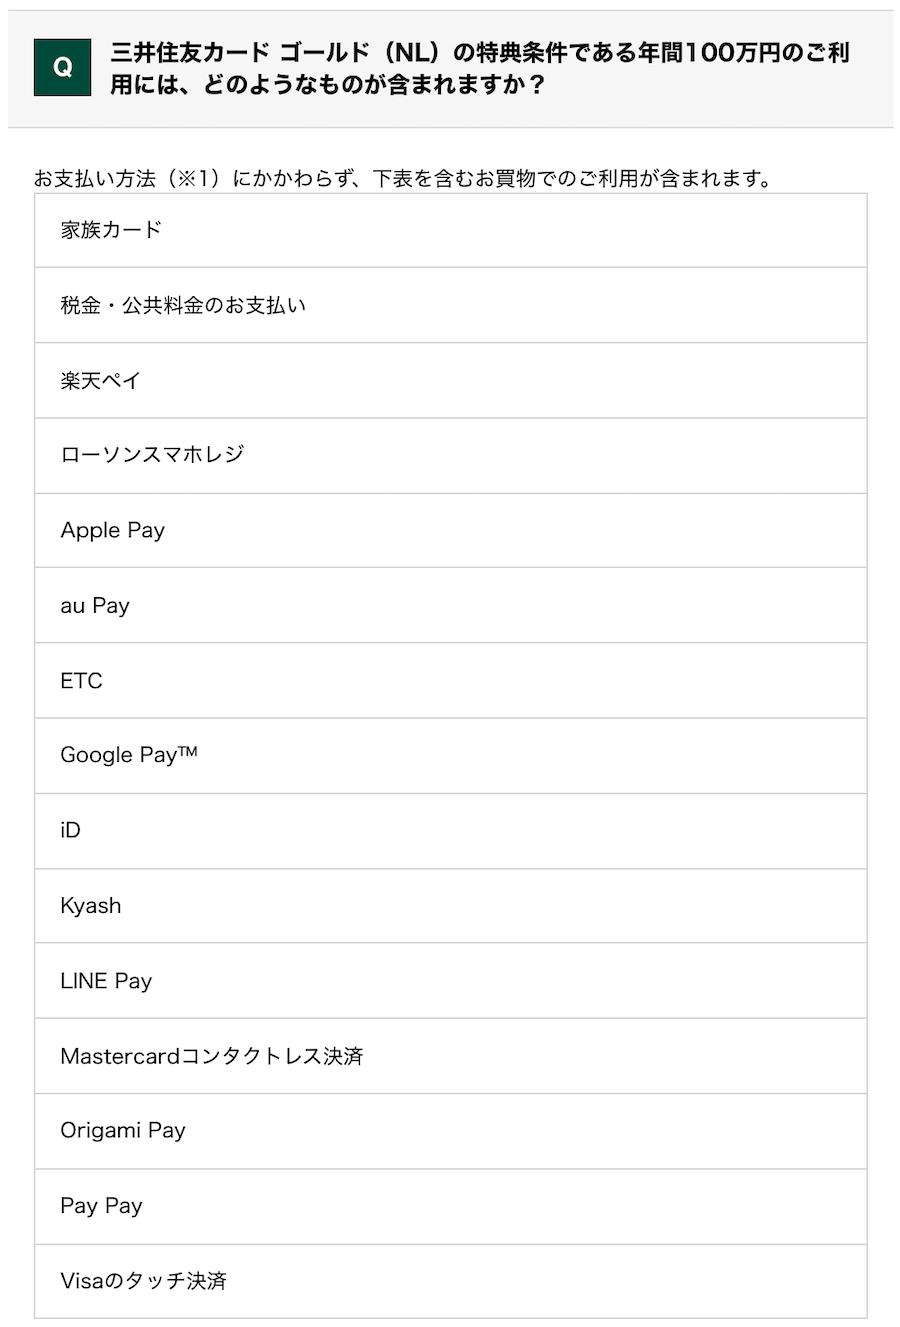 三井住友カード ゴールド(NL) 特典条件である年間100万円の利用対象